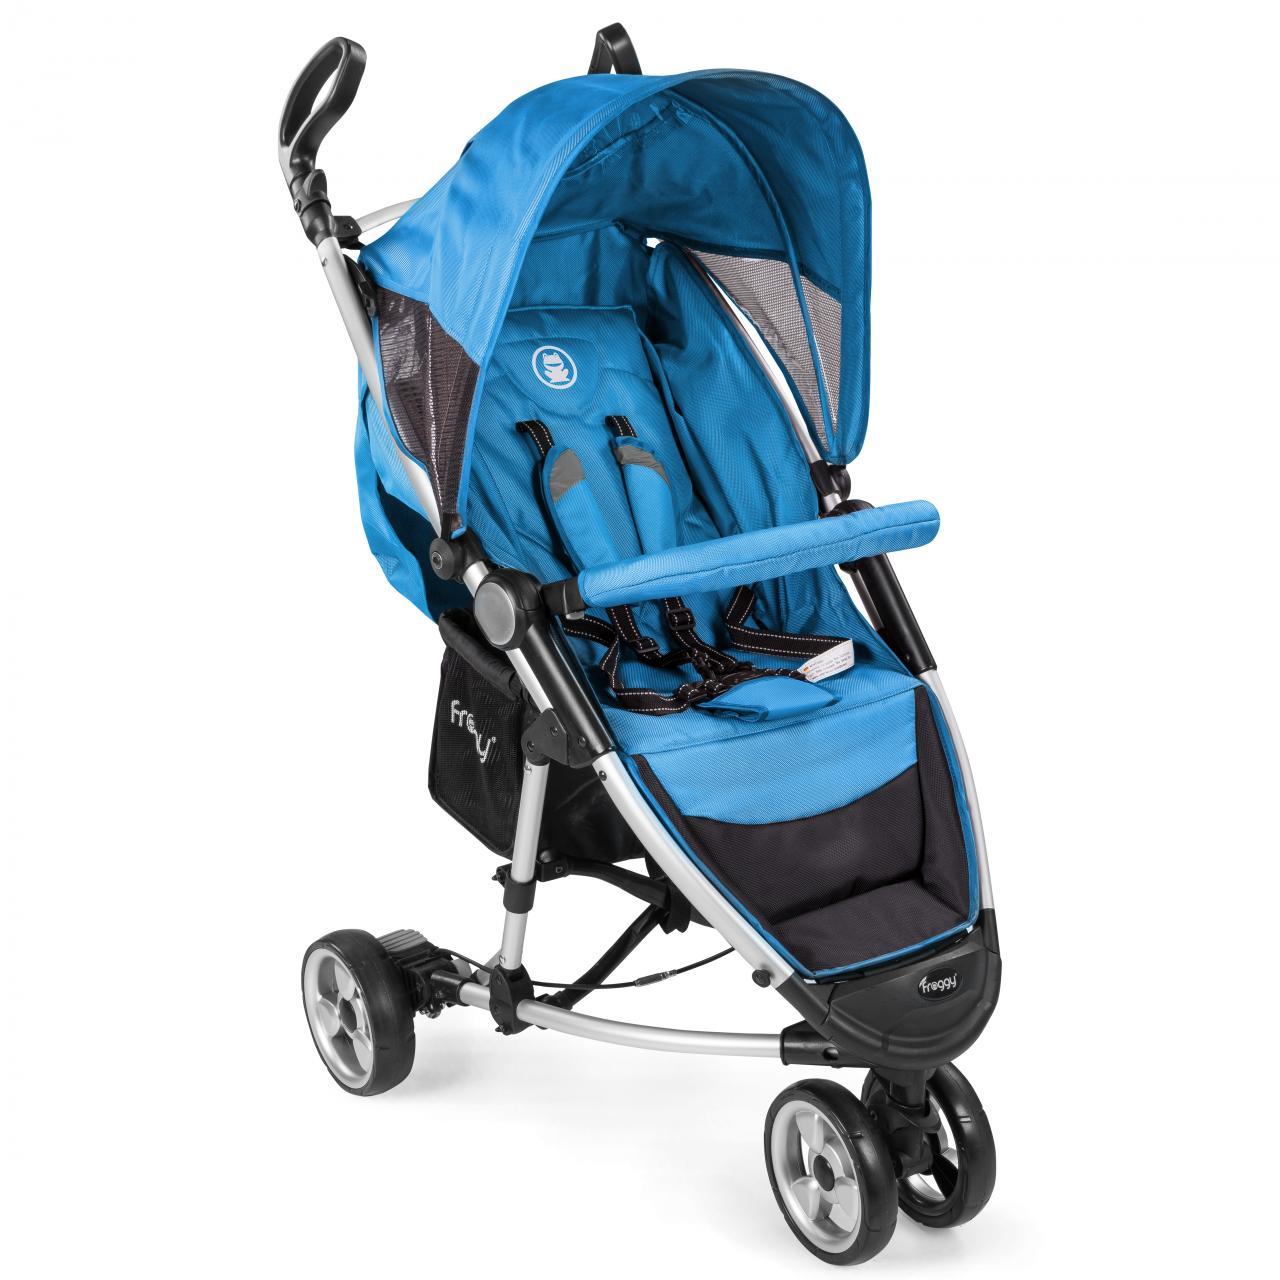 Kinderwagen-NEO-Jogger-Buggy-Sportwagen-Liegebuggy-Babywagen-3-Rad-Ultraleicht